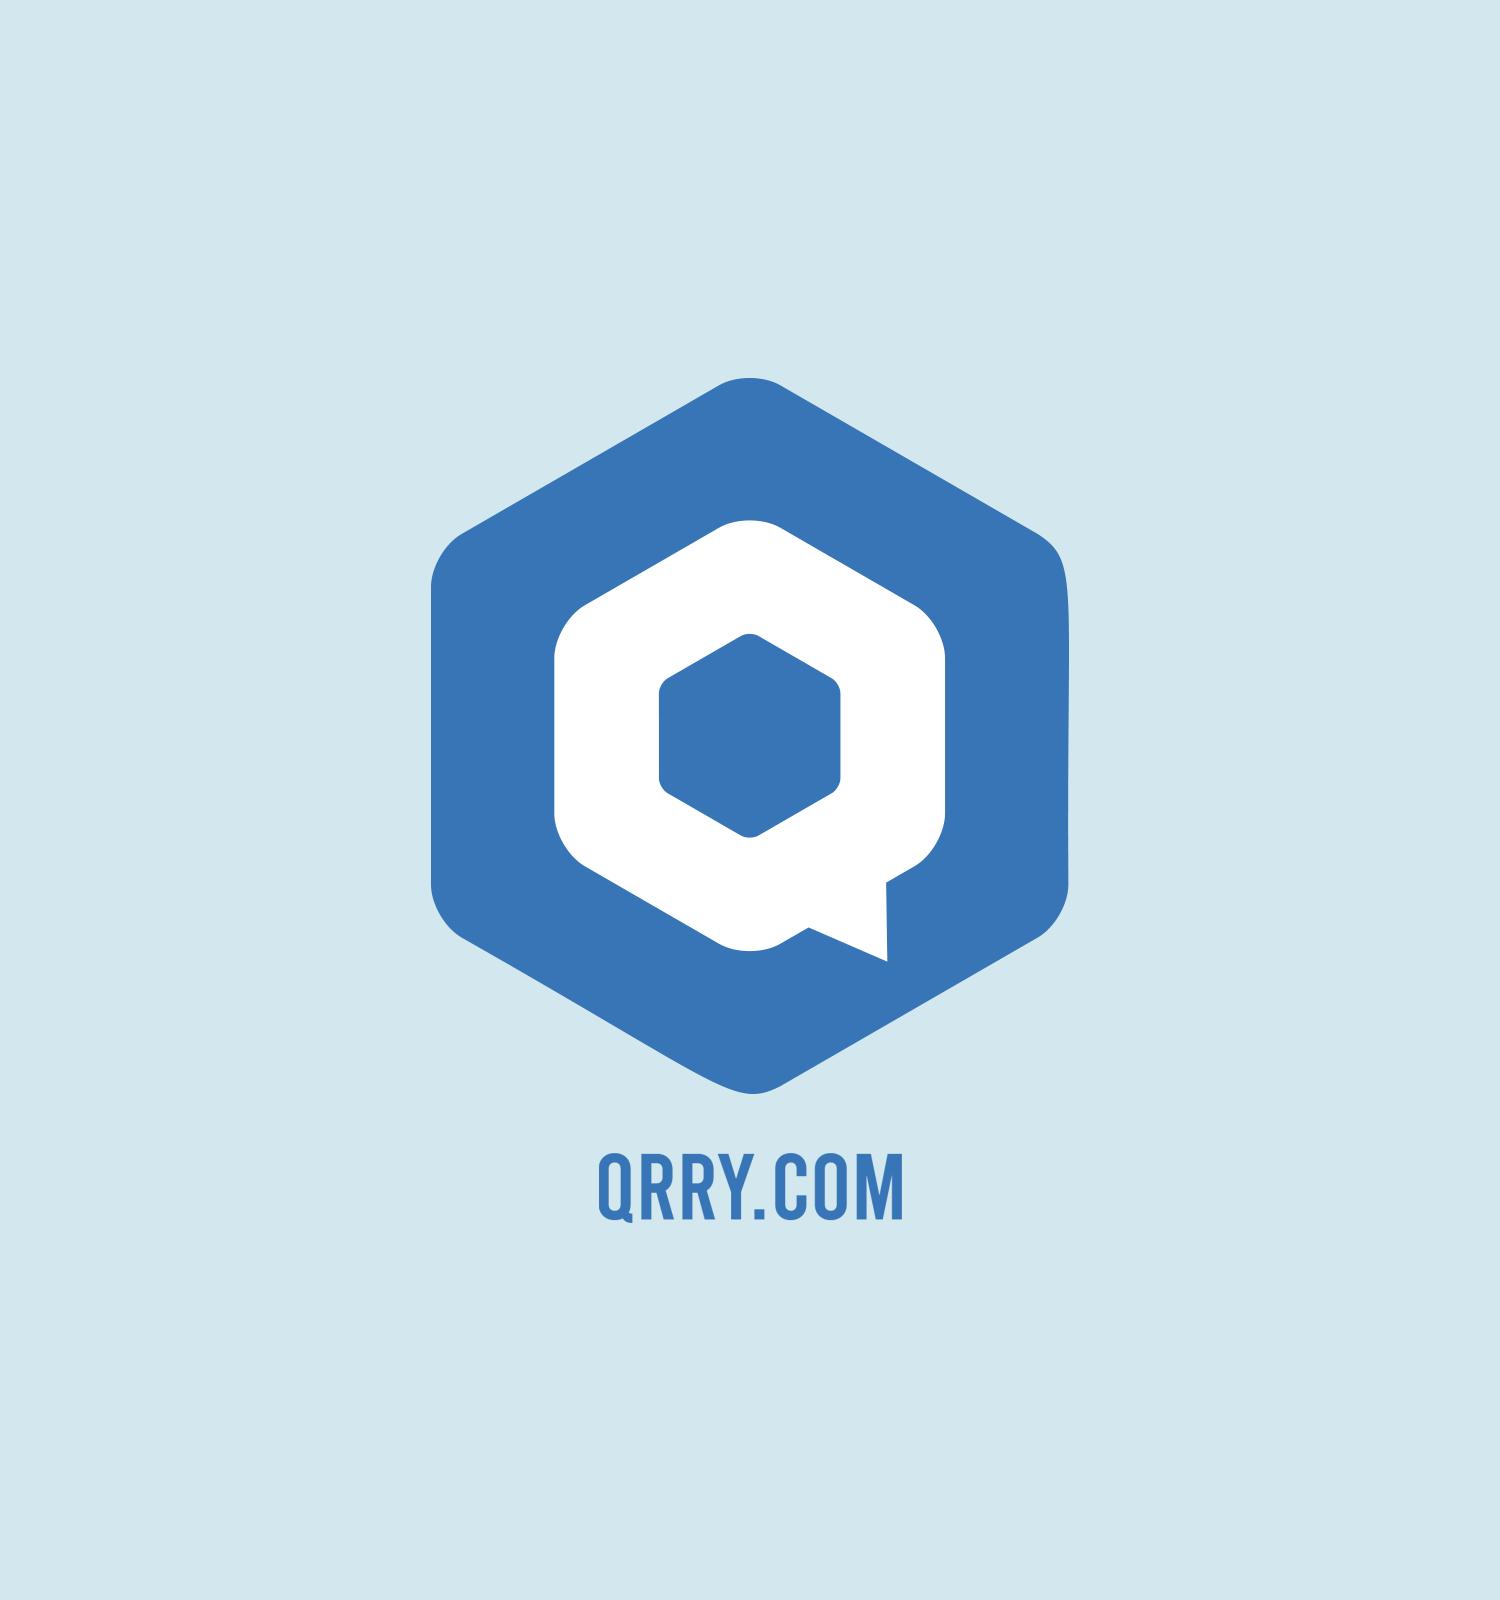 qrry mv portfolio